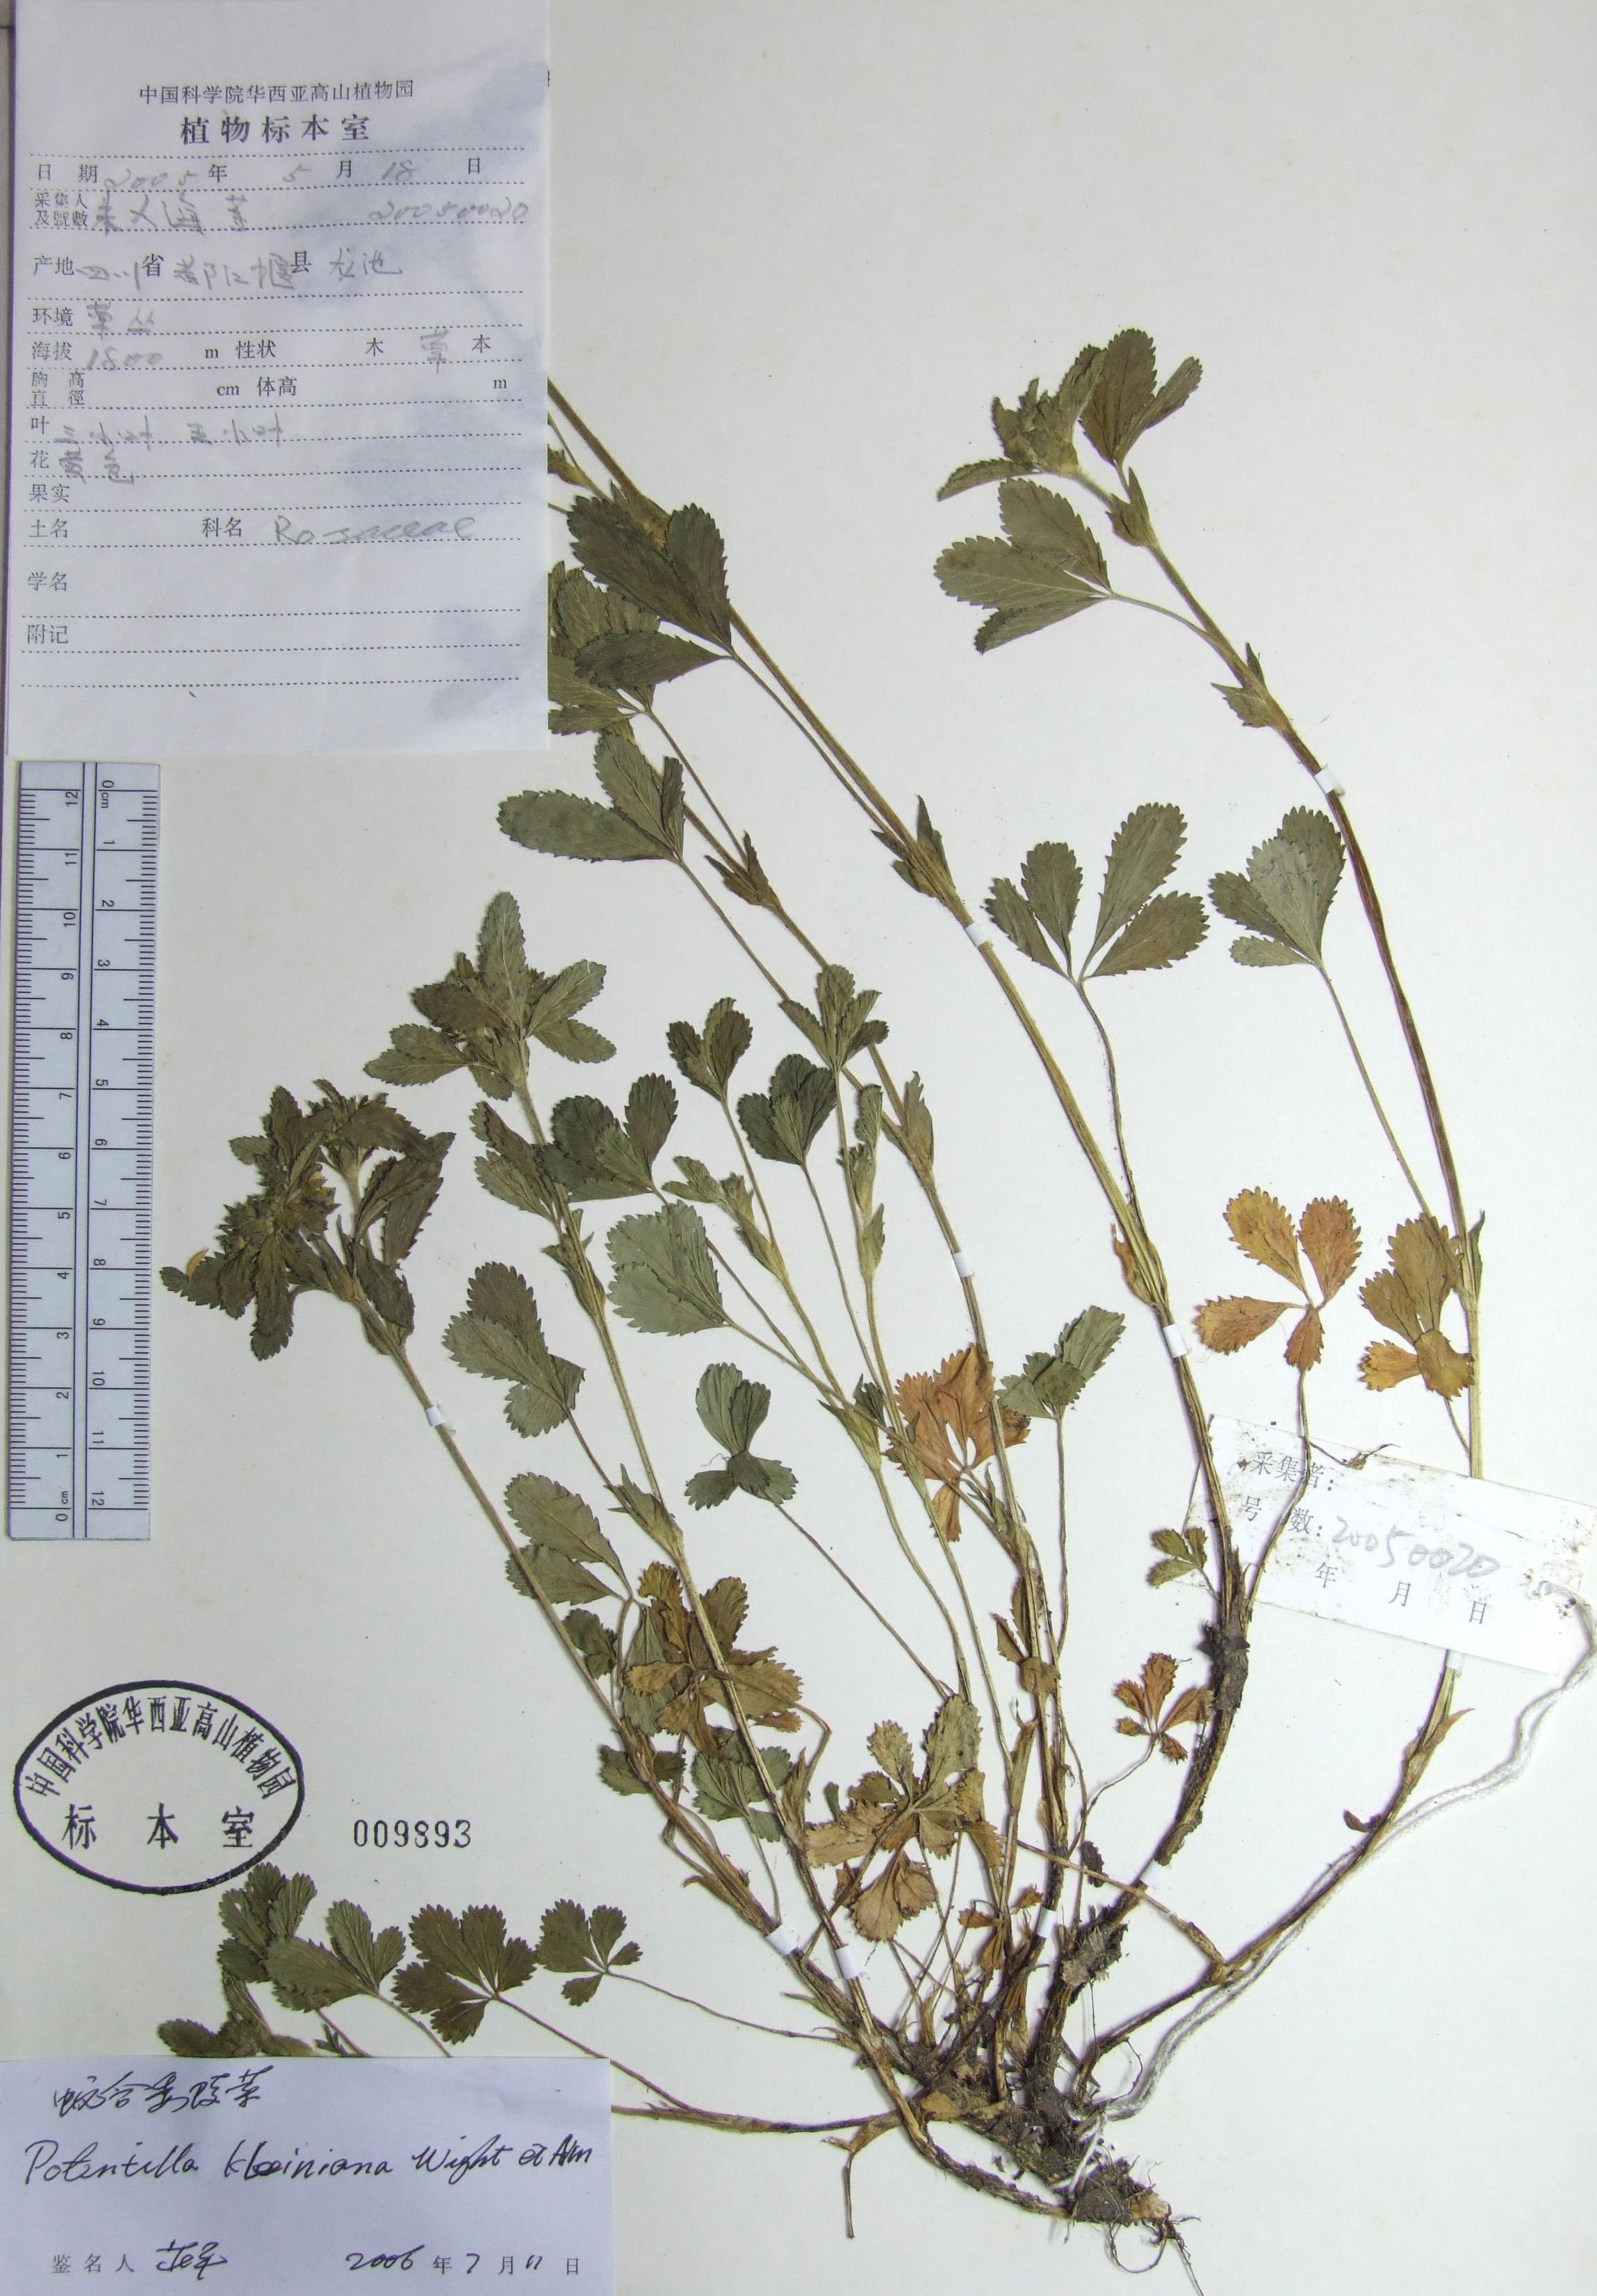 壁纸 植物 蕨类 2298_3303 竖版 竖屏 手机